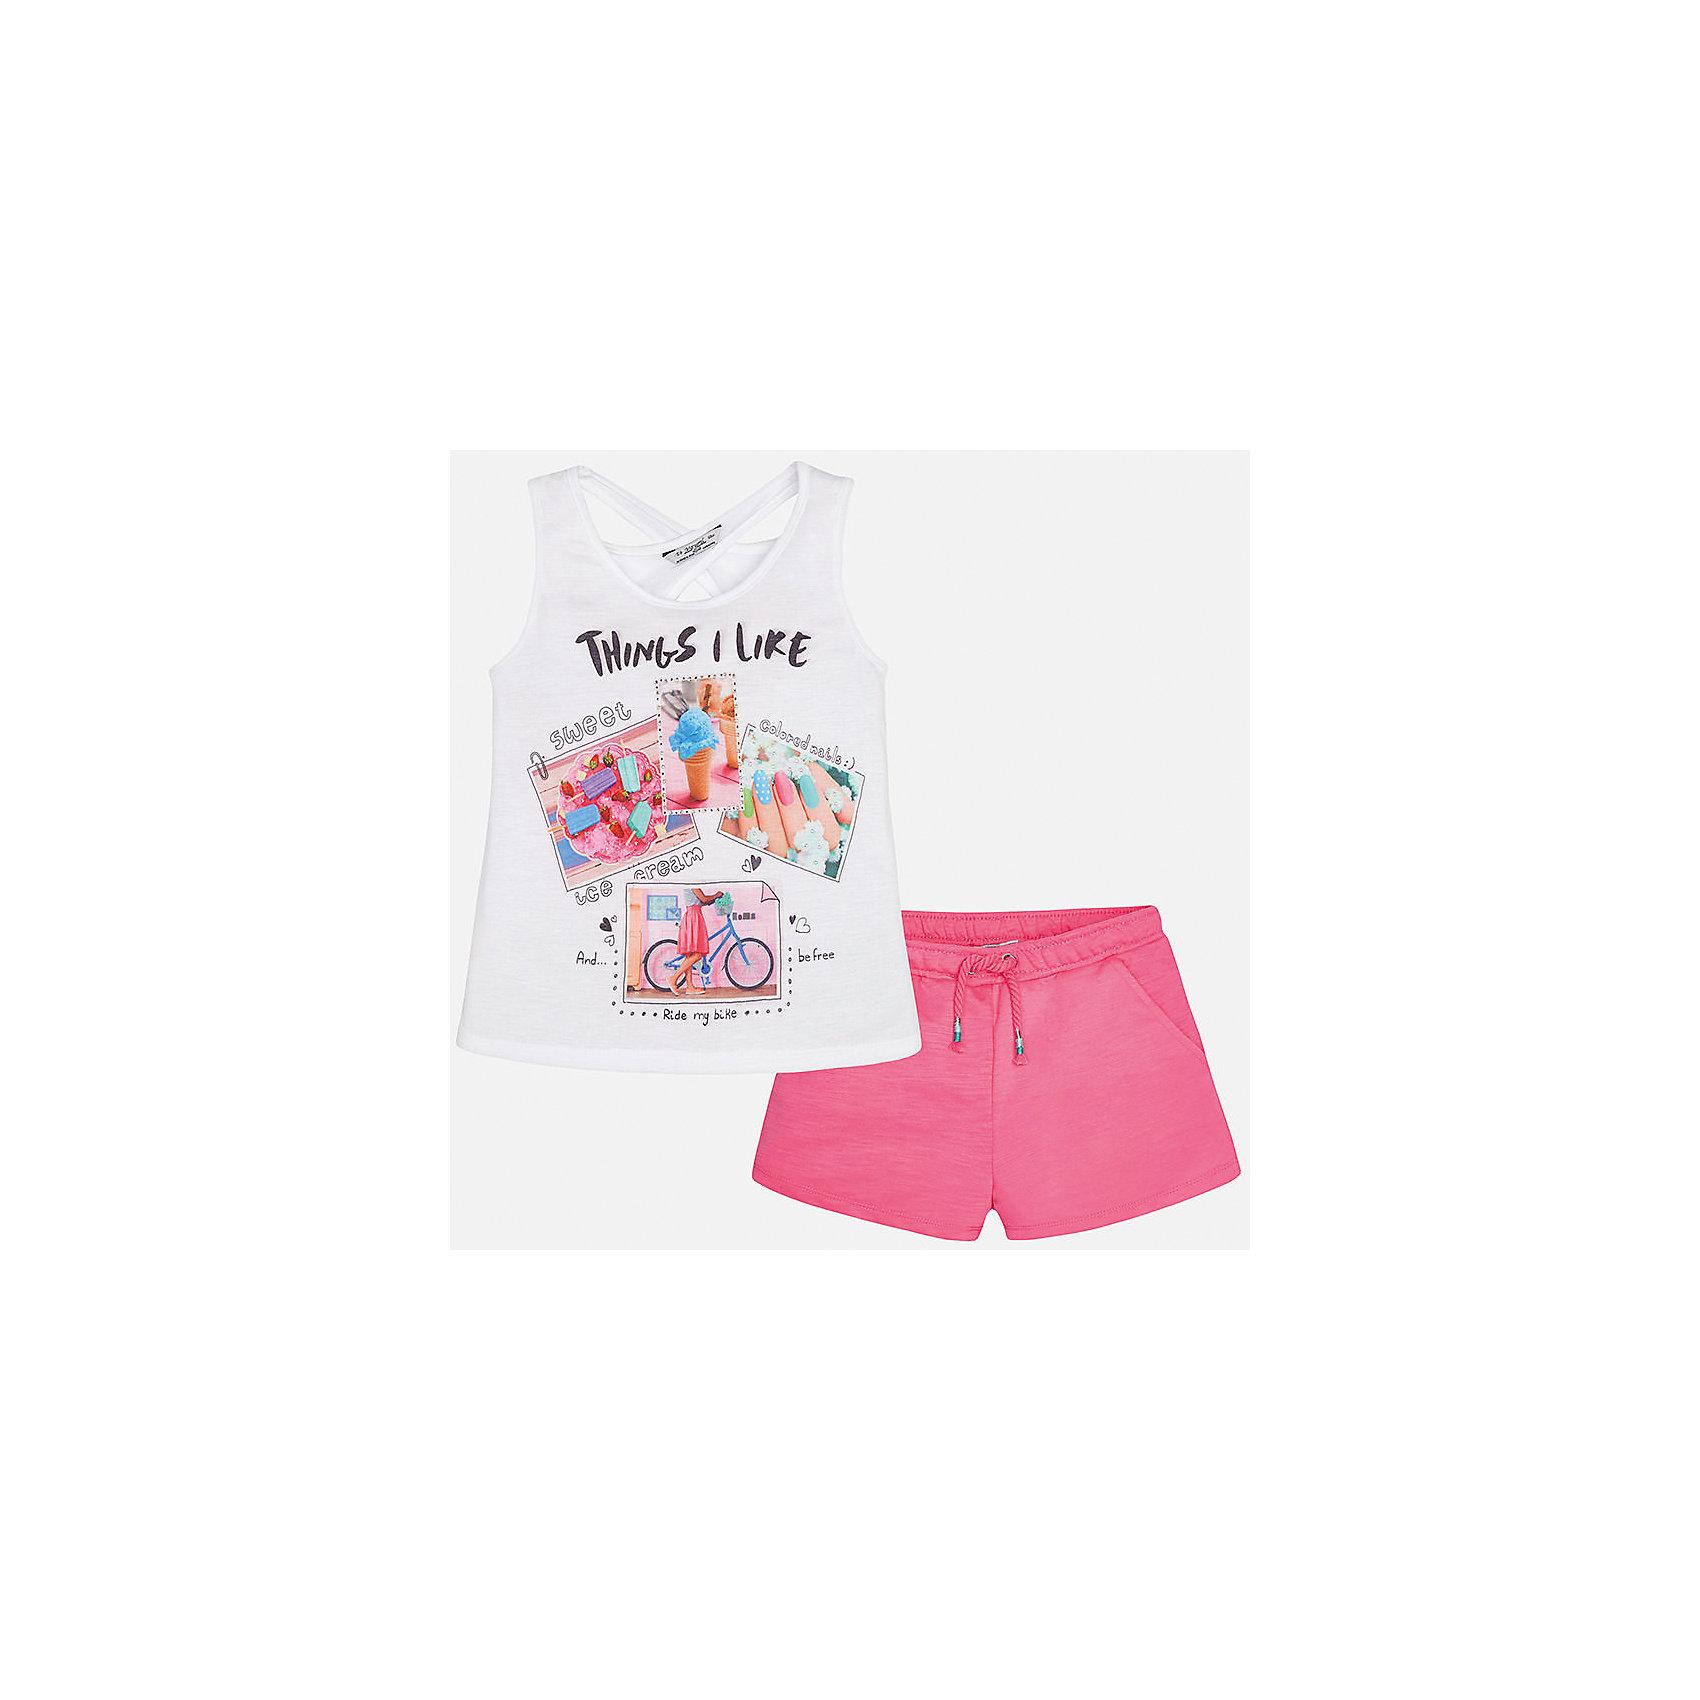 Комплект: футболка с длинным рукавом и шорты для девочки MayoralКомплекты<br>Характеристики товара:<br><br>• цвет: белый/розовый<br>• состав: топ - 100% полиэстер; шорты - 65% полиэстер, 35% хлопок<br>• комплектация: майка, шорты<br>• майка декорирована принтом<br>• шорты с карманами<br>• пояс на резинке<br>• страна бренда: Испания<br><br>Стильный качественный комплект для девочки поможет разнообразить гардероб ребенка и красиво одеться в теплую погоду. Он отлично сочетается с другими предметами. Универсальный цвет позволяет подобрать к вещам обувь практически любой расцветки. Интересная отделка модели делает её нарядной и оригинальной. <br><br>Одежда, обувь и аксессуары от испанского бренда Mayoral полюбились детям и взрослым по всему миру. Модели этой марки - стильные и удобные. Для их производства используются только безопасные, качественные материалы и фурнитура. Порадуйте ребенка модными и красивыми вещами от Mayoral! <br><br>Комплект для девочки от испанского бренда Mayoral (Майорал) можно купить в нашем интернет-магазине.<br><br>Ширина мм: 191<br>Глубина мм: 10<br>Высота мм: 175<br>Вес г: 273<br>Цвет: фиолетовый<br>Возраст от месяцев: 84<br>Возраст до месяцев: 96<br>Пол: Женский<br>Возраст: Детский<br>Размер: 128/134,164,140,152,158<br>SKU: 5292743